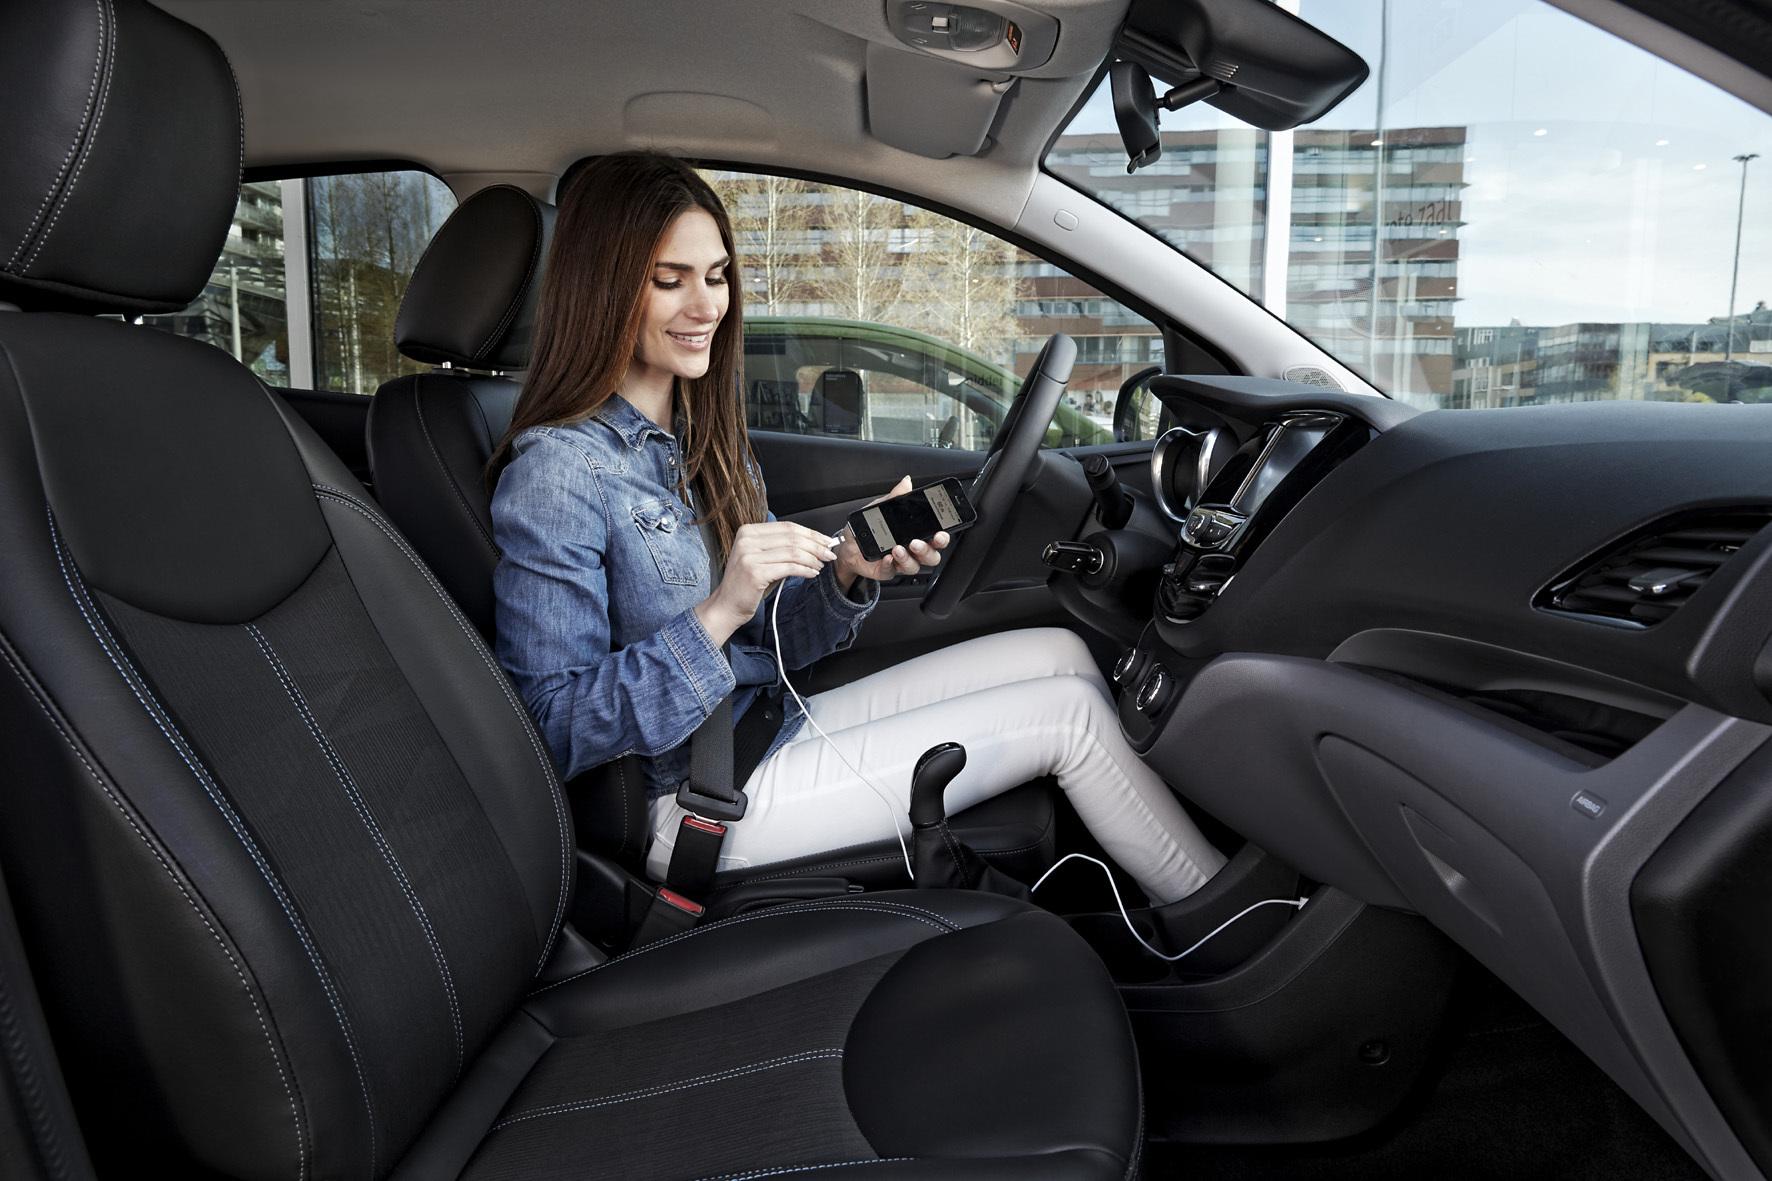 mid Düsseldorf - Unter Kontrolle: Die neue App analysiert das Fahrverhalten.